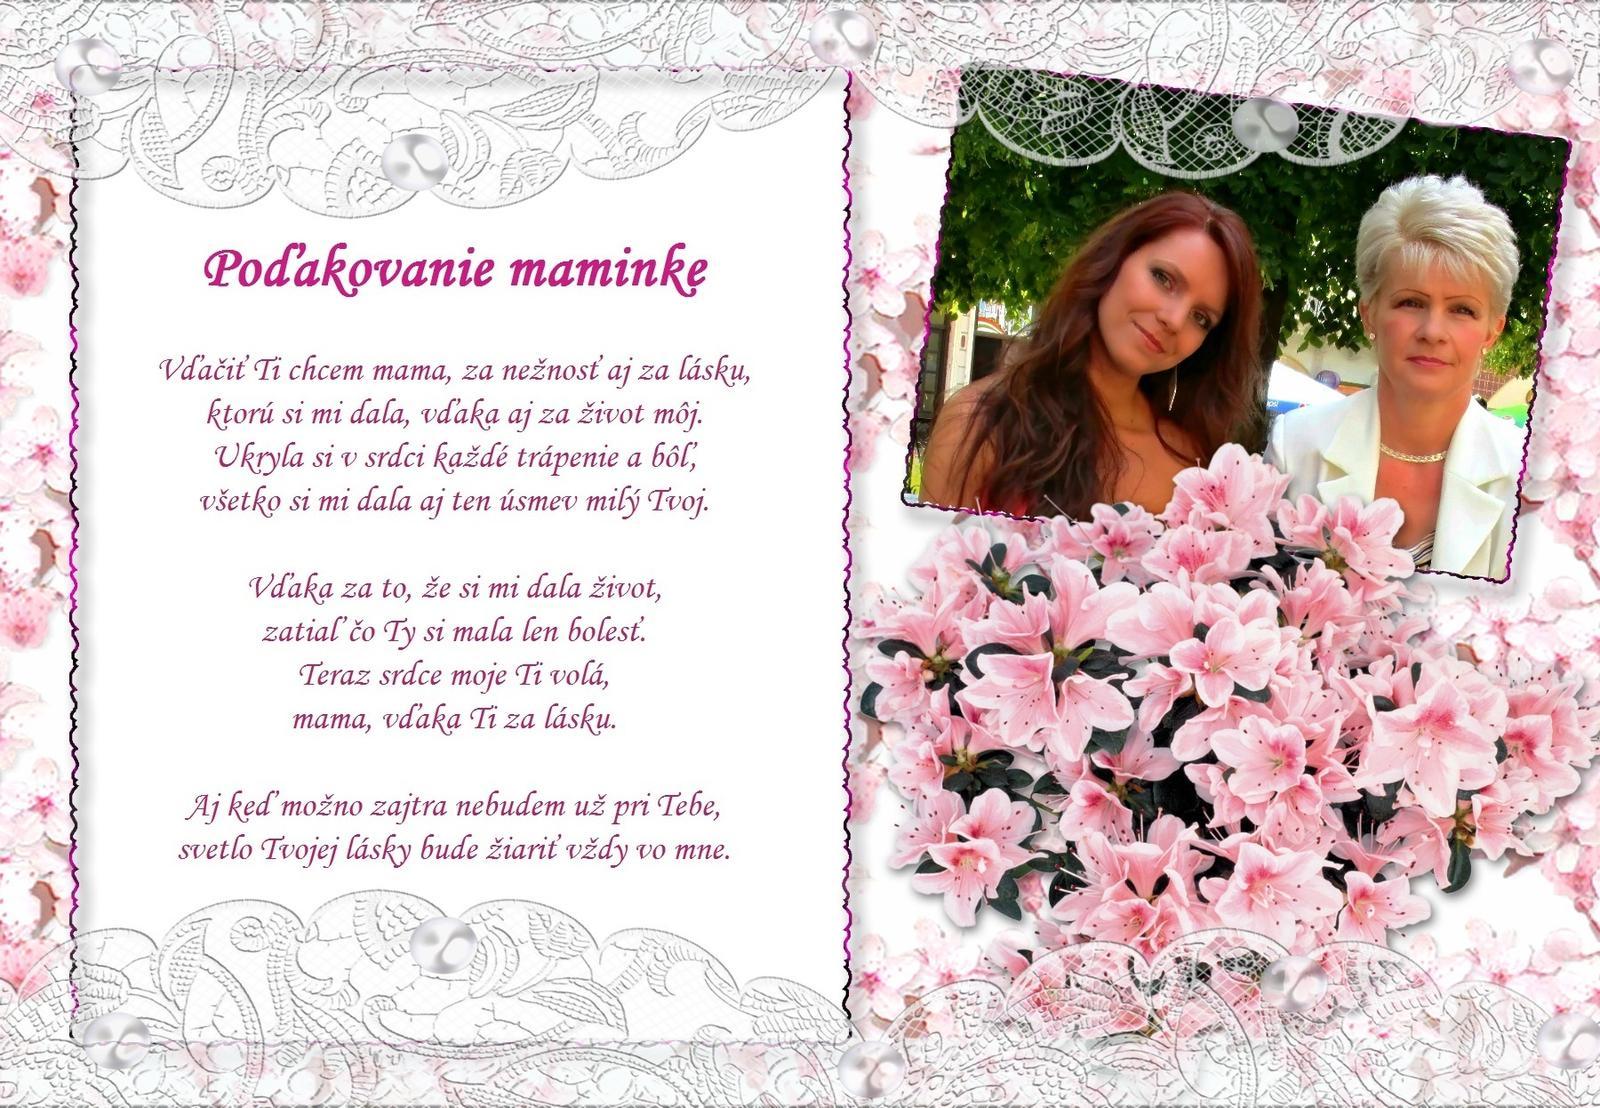 Naša malá letecká svadba ✈✈✈ <3 - Už len vytlačiť a zarámovať :-) Tento text som vybrala preto, lebo ho budem spievať maminke v kostole :-) Nech to má aj ružové na bielom :-D :-D